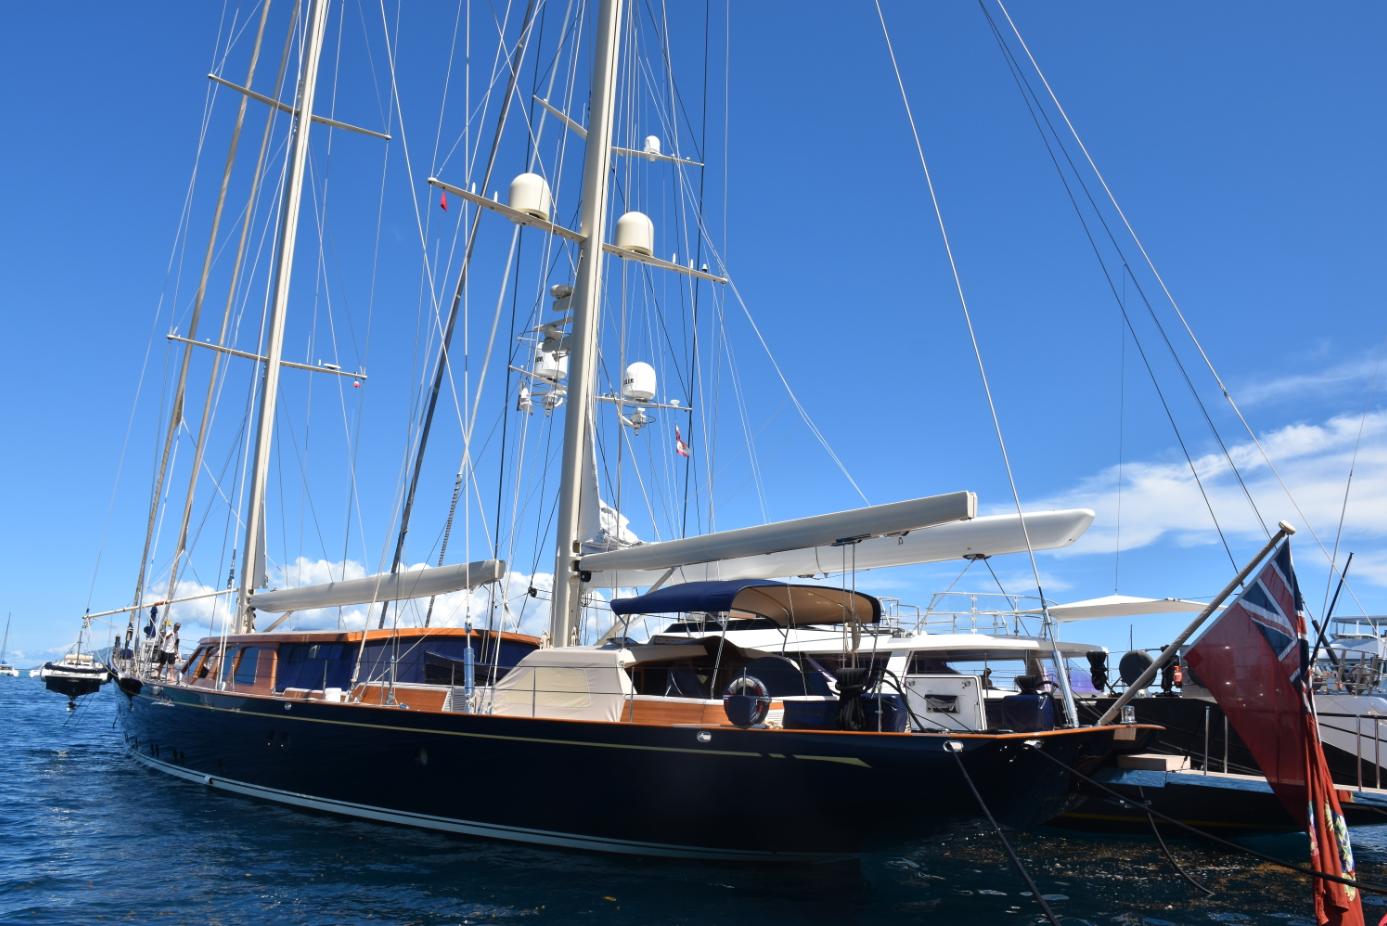 Environ 50 super yachts naviguent chaque année dans les eaux polynésiennes.